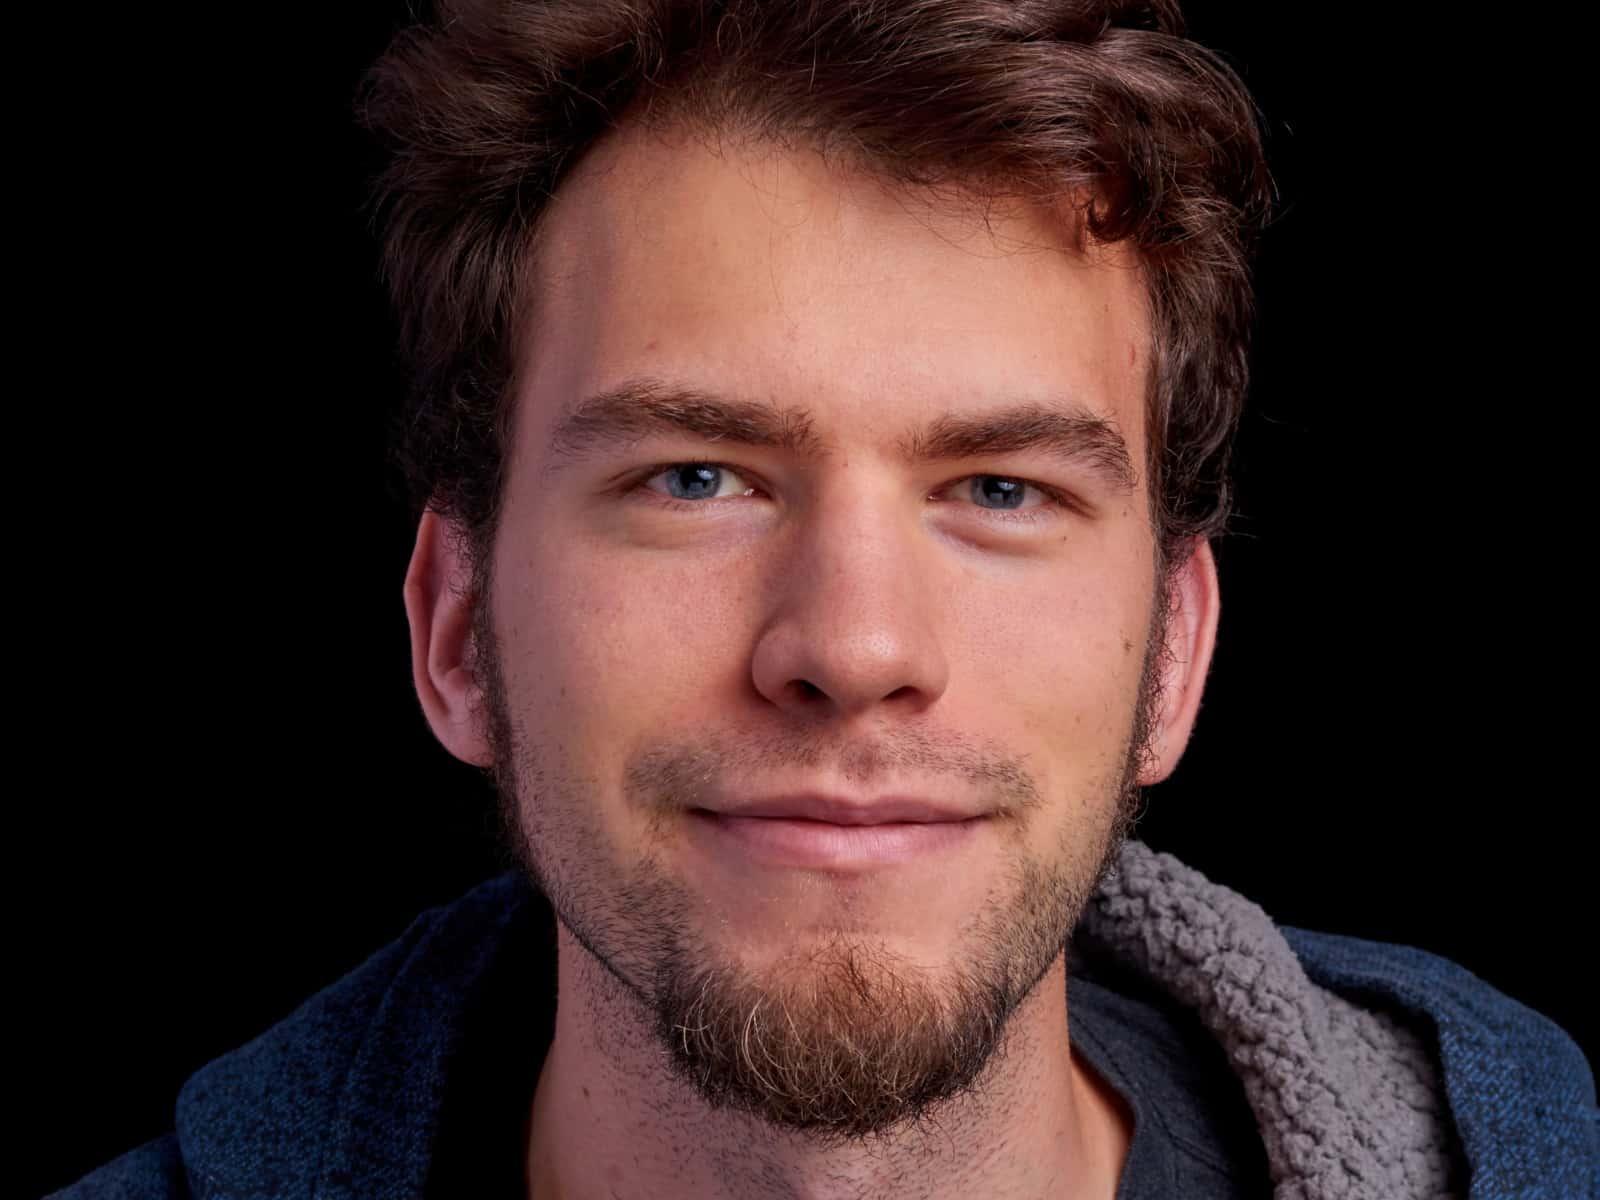 Zachary from Seattle, Washington, United States